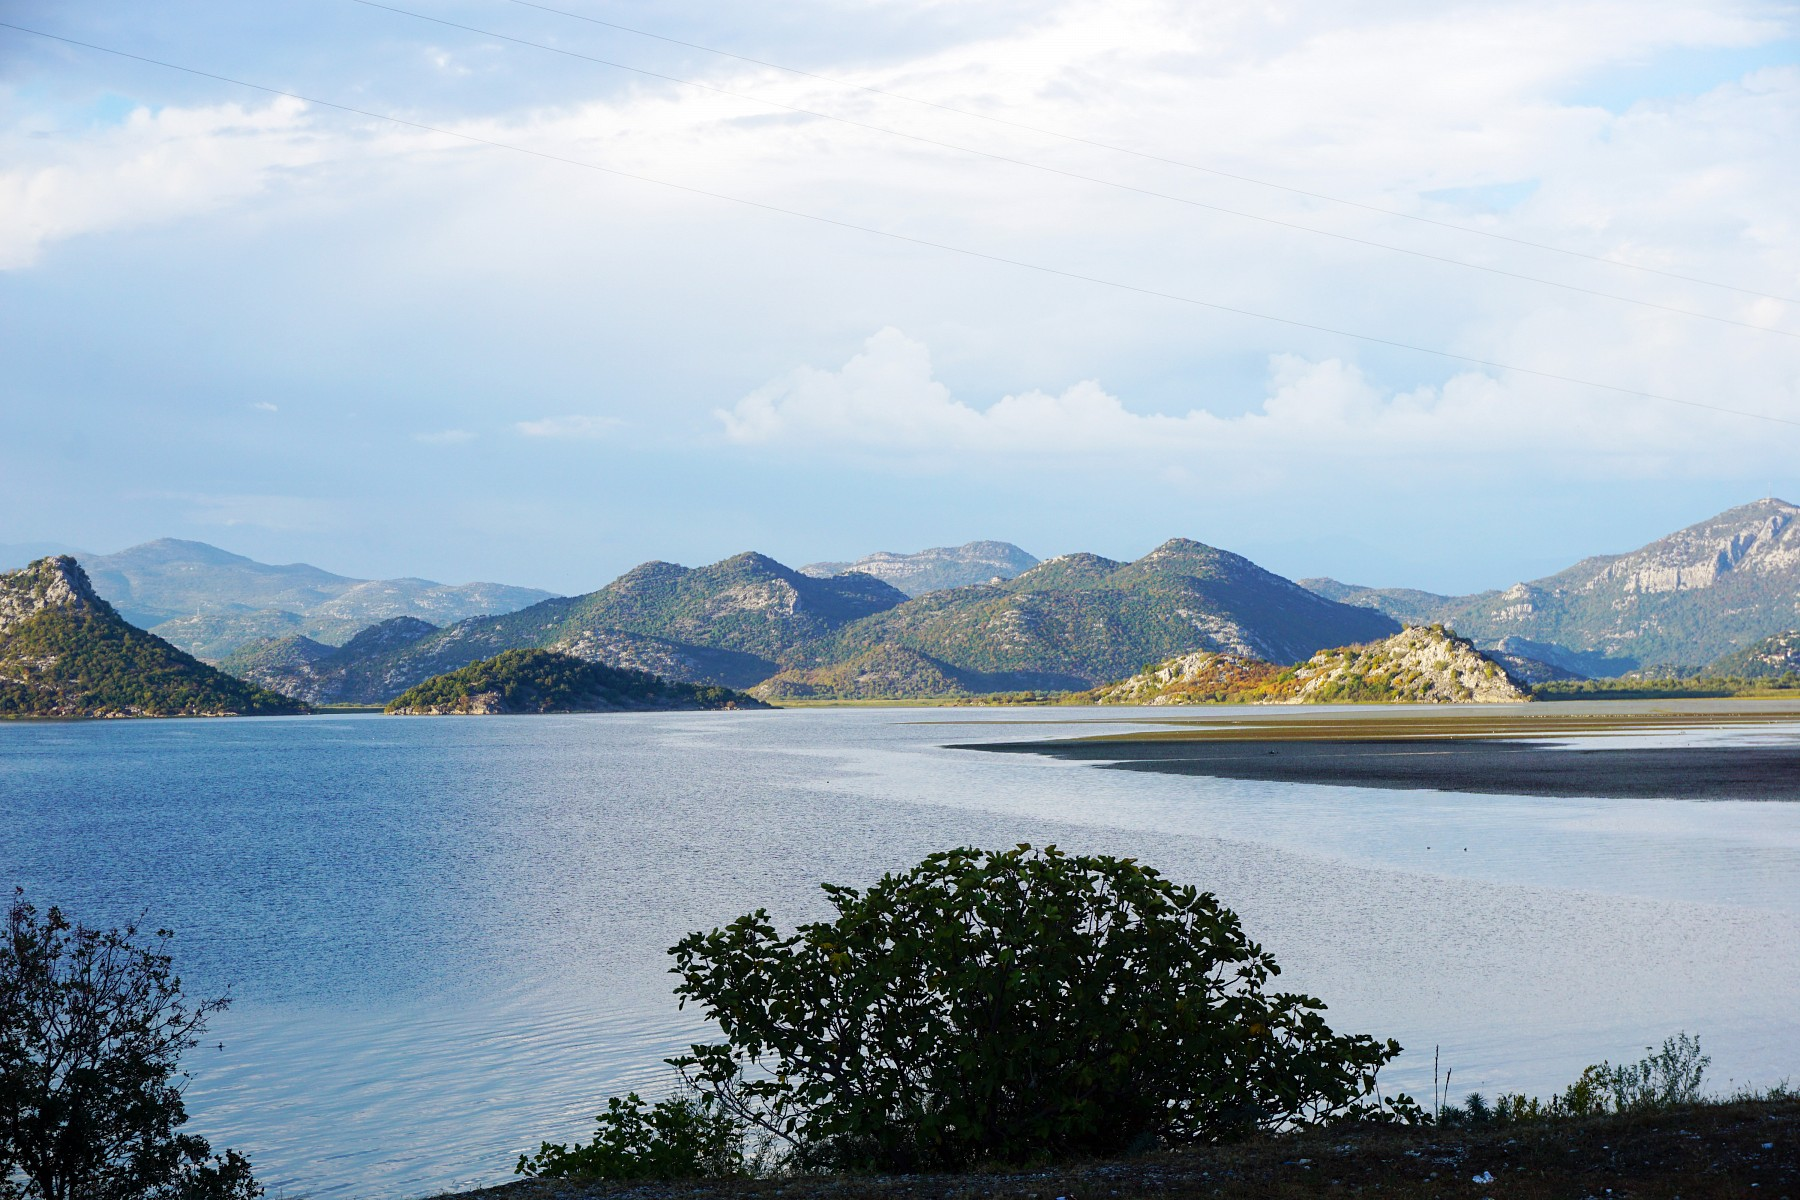 pChefredakteur-Thorsten-Hoyer-nimmt-uns-mit-auf-eine-kleine-Bilderreise-durchnbspMontenegro-denn-der-Balkanstaatnbsphaumllt-fuumlrnbspWanderernbspeinige-Entdeckungen-bereitnbspbr-Das-erste-Foto-zeigt-dennbspSkadarsee-im-Grenzgebiet-zu-Albaniennbspein-einzigartiges-Naturparadies-und-der-groumlszligte-See-der-Balkanhalbinselnbsp-Fotos-copy-Thorsten-Hoyerbr-span-stylefont-size12pxnbsp-nbspnbspspanp